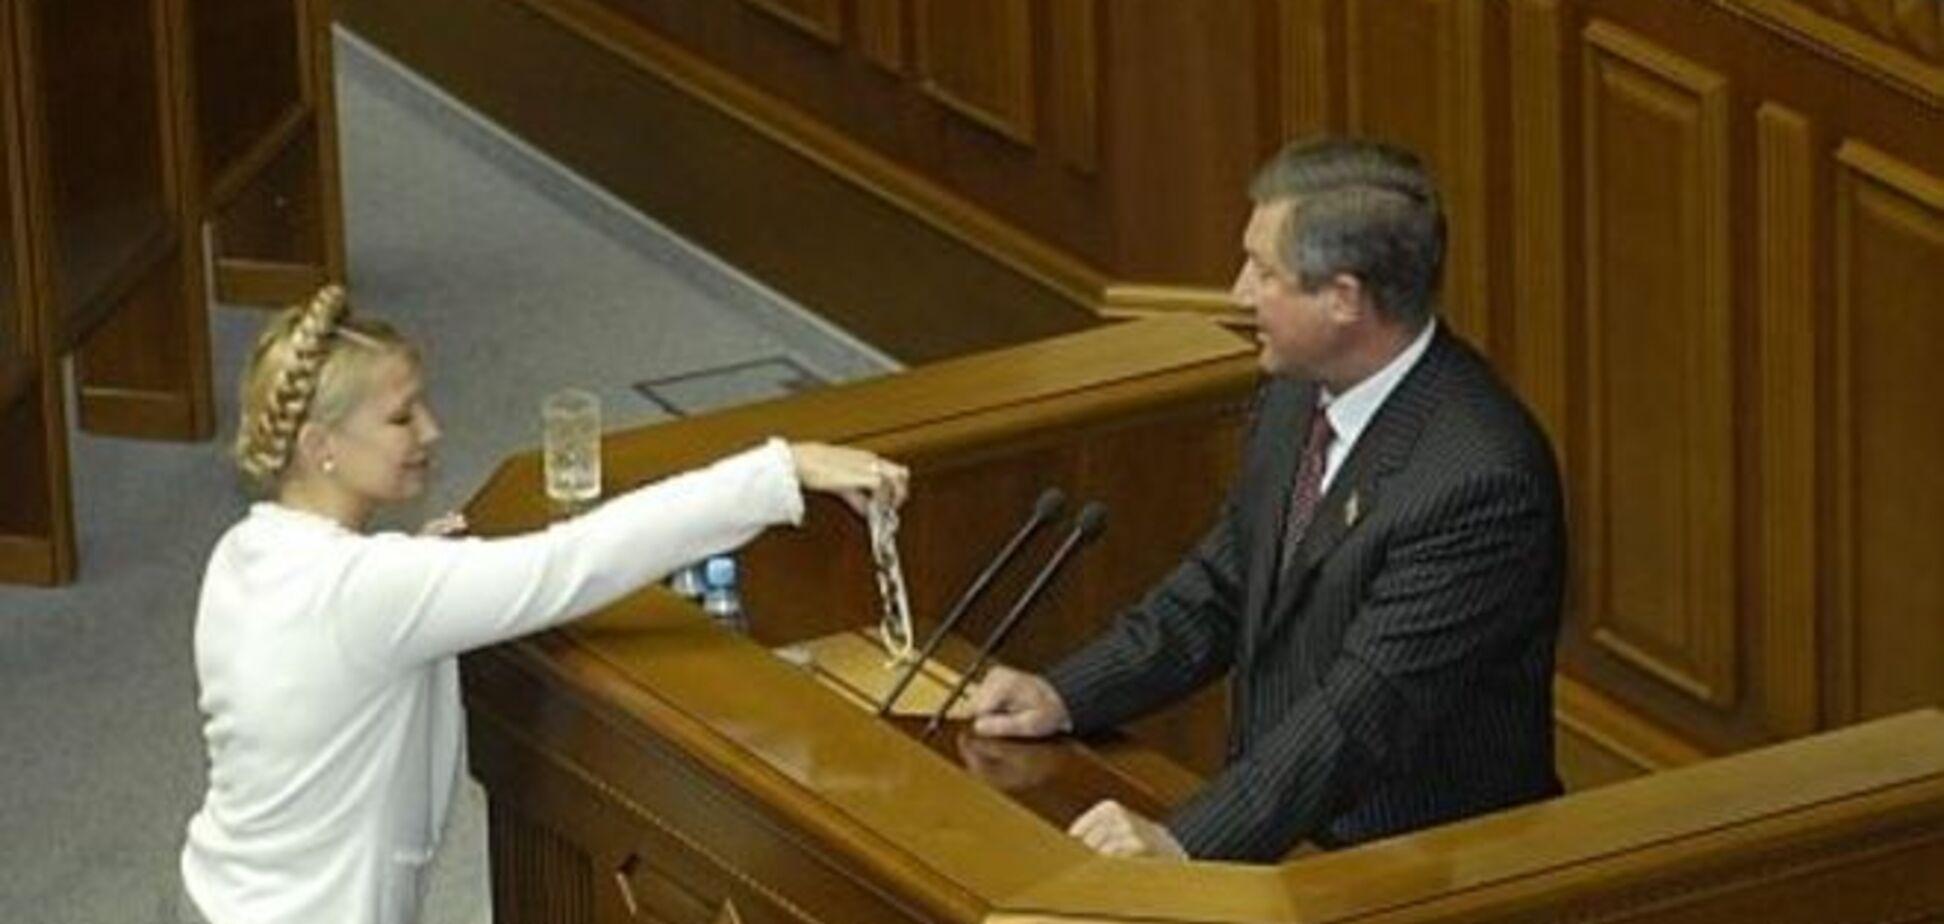 ТОП самых скандальных аксессуаров в украинской политике: от ожерелья Тимошенко до сумки Продан